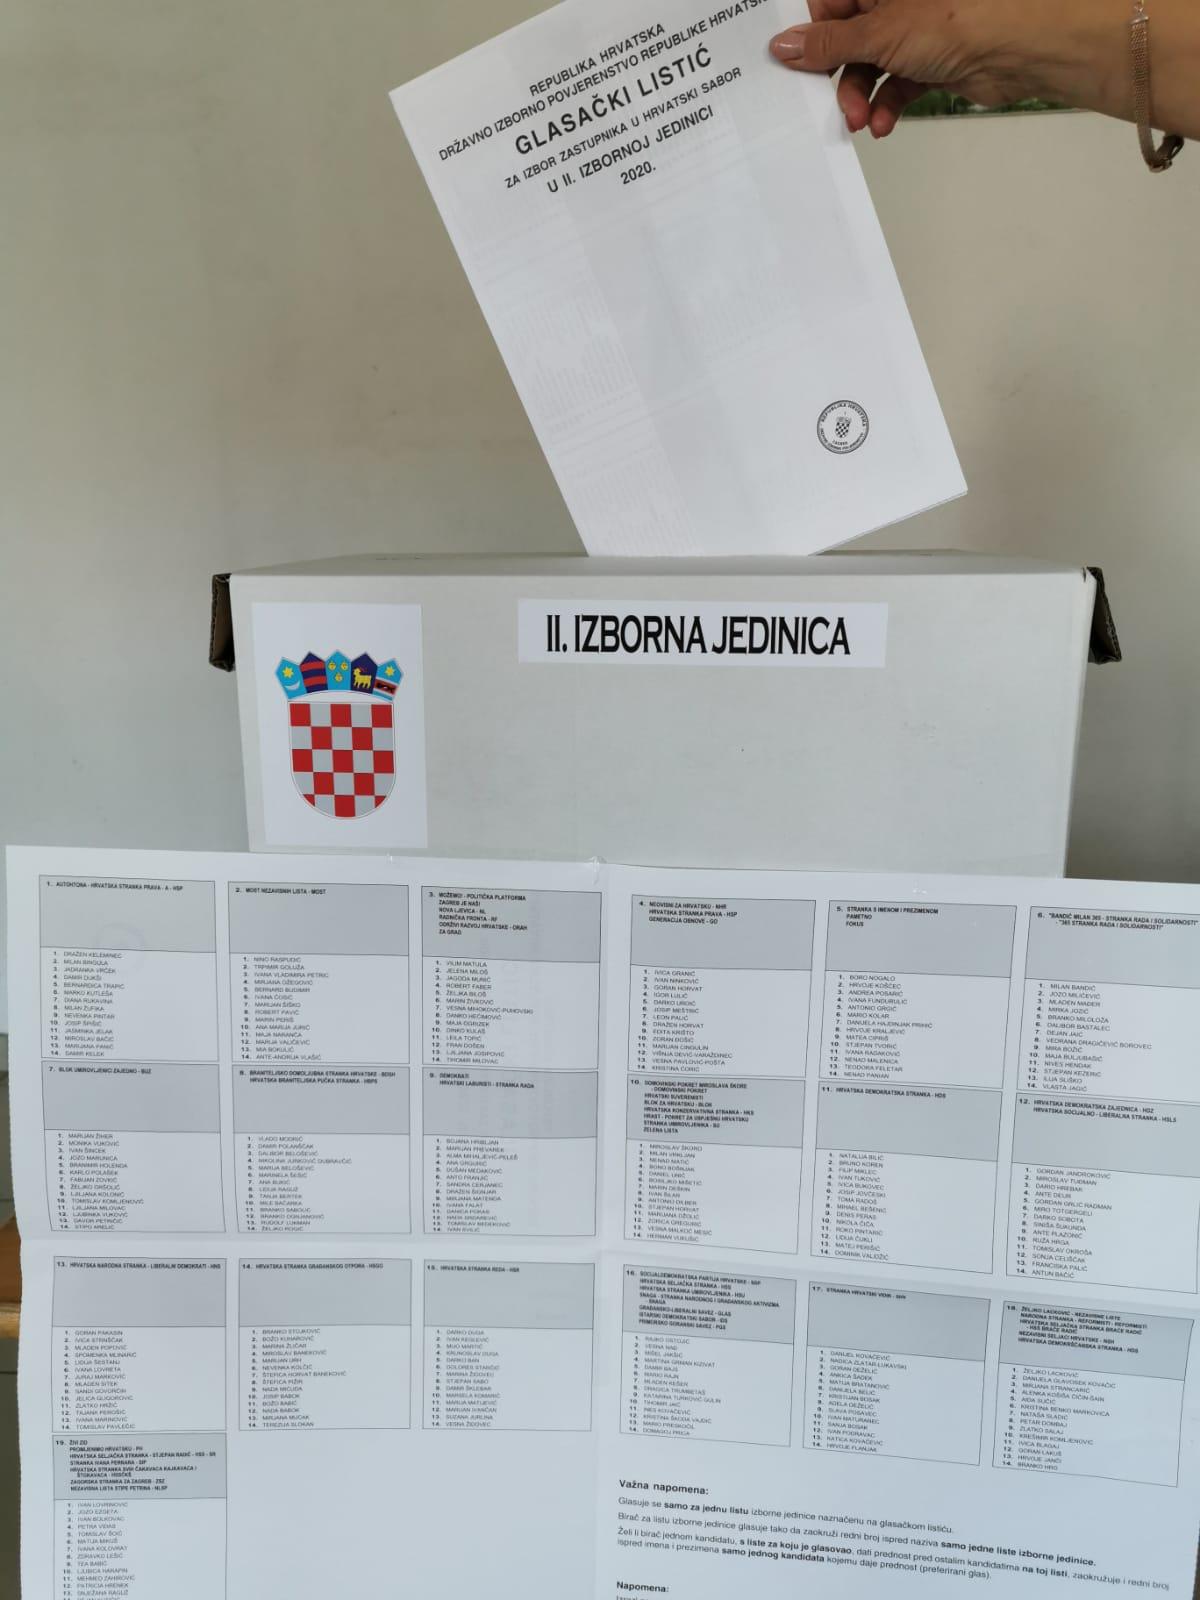 IZLAZNE ANKETE Relativni pobjednik izbora HDZ, fijasko Restart koalicije